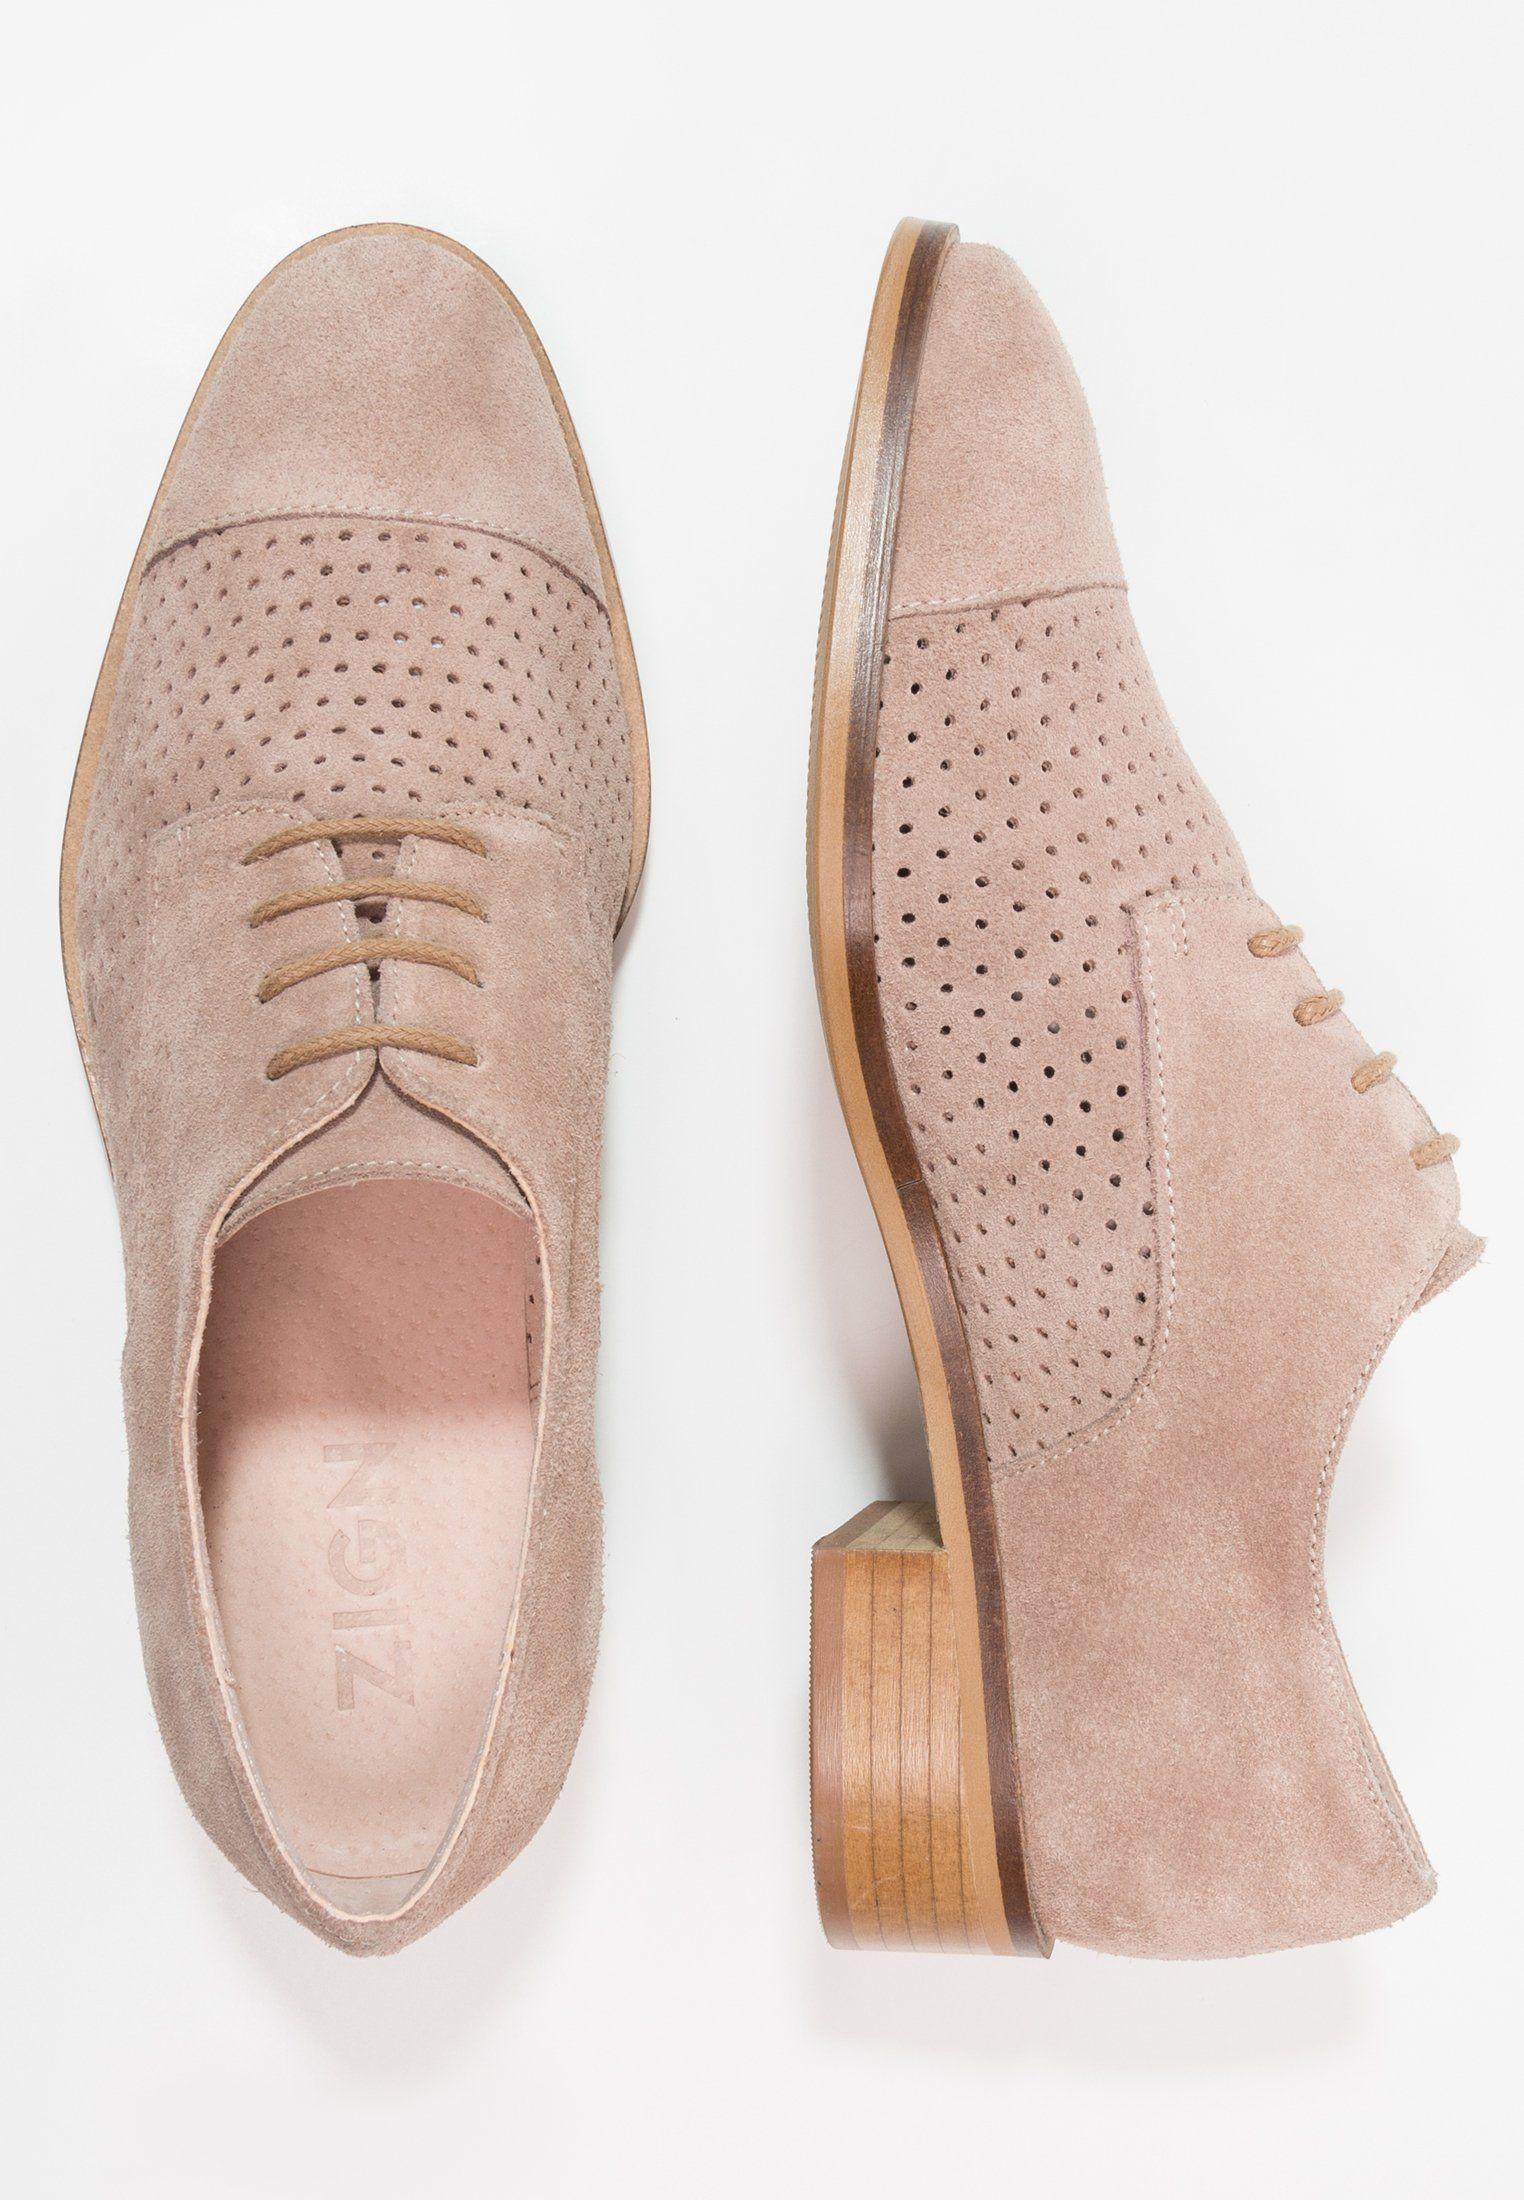 Zign Zapatos de vestir taupe qEjJ1mf8o